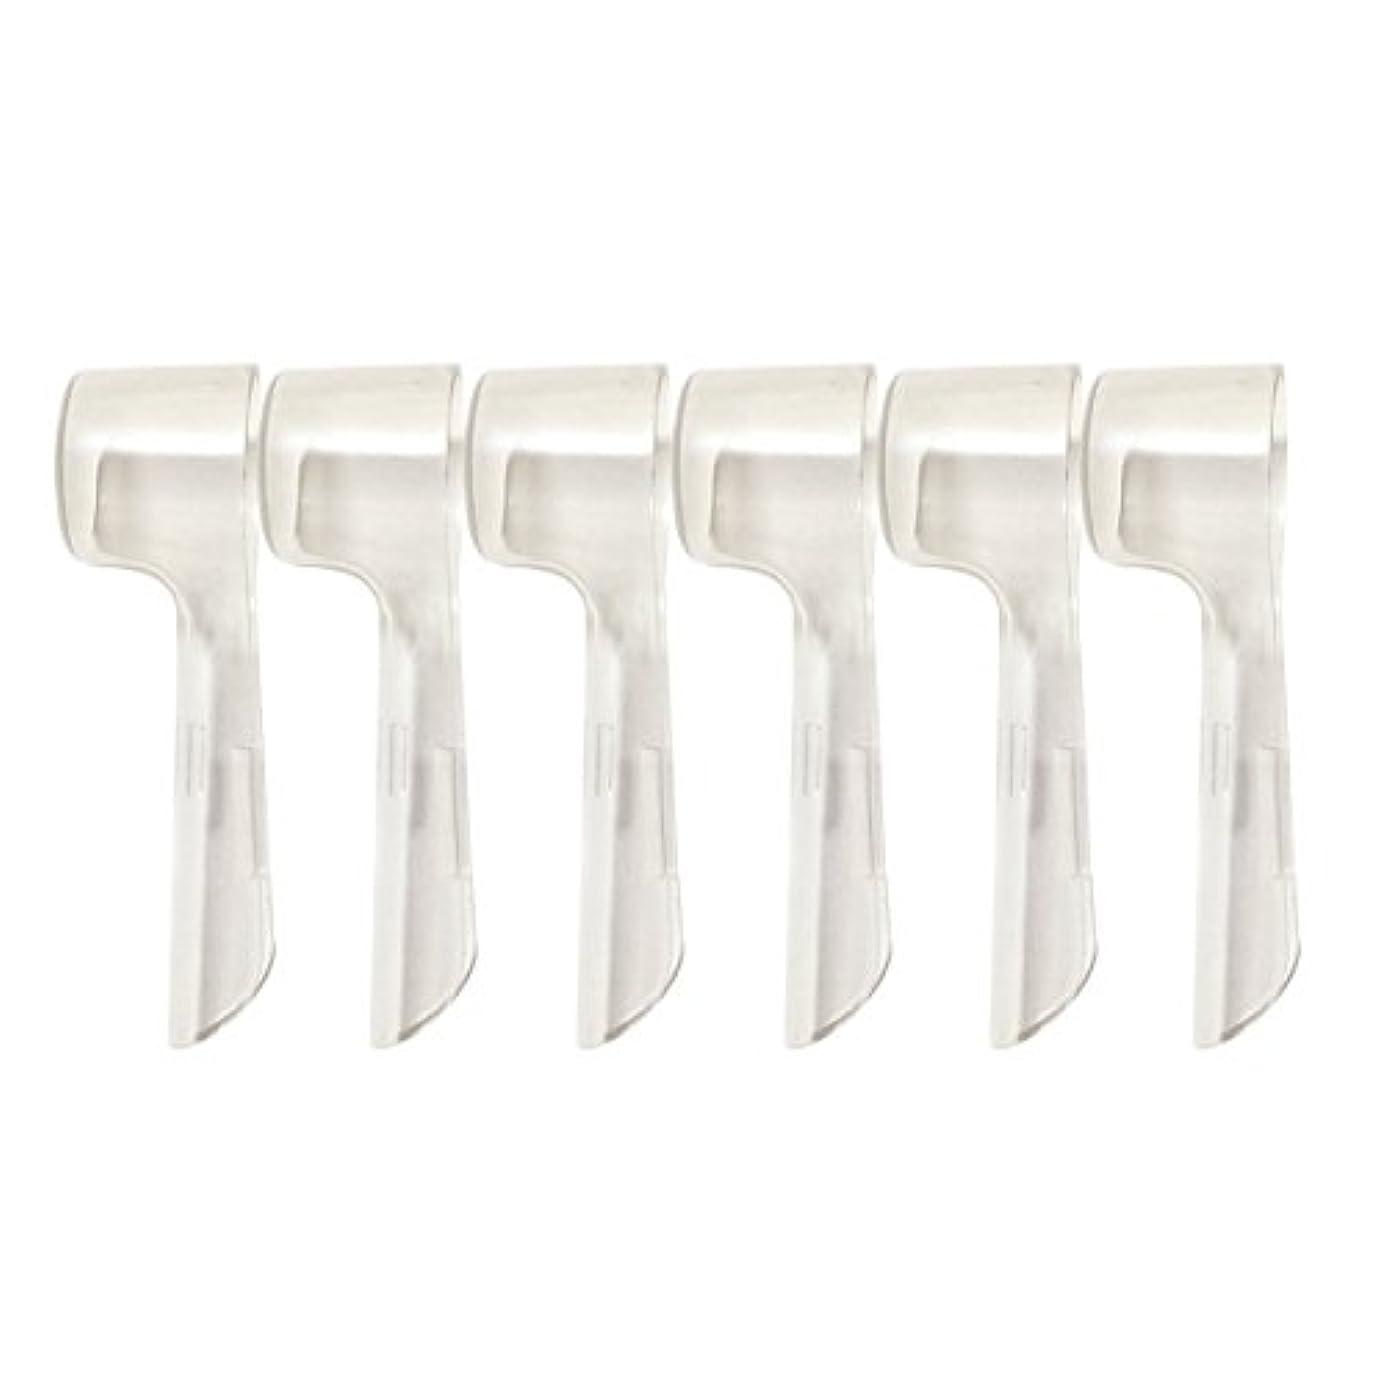 実現可能性バラ色正当化するSUPVOX 旅行のために便利な電動歯ブラシのための12本の歯ブラシのヘッドカバー